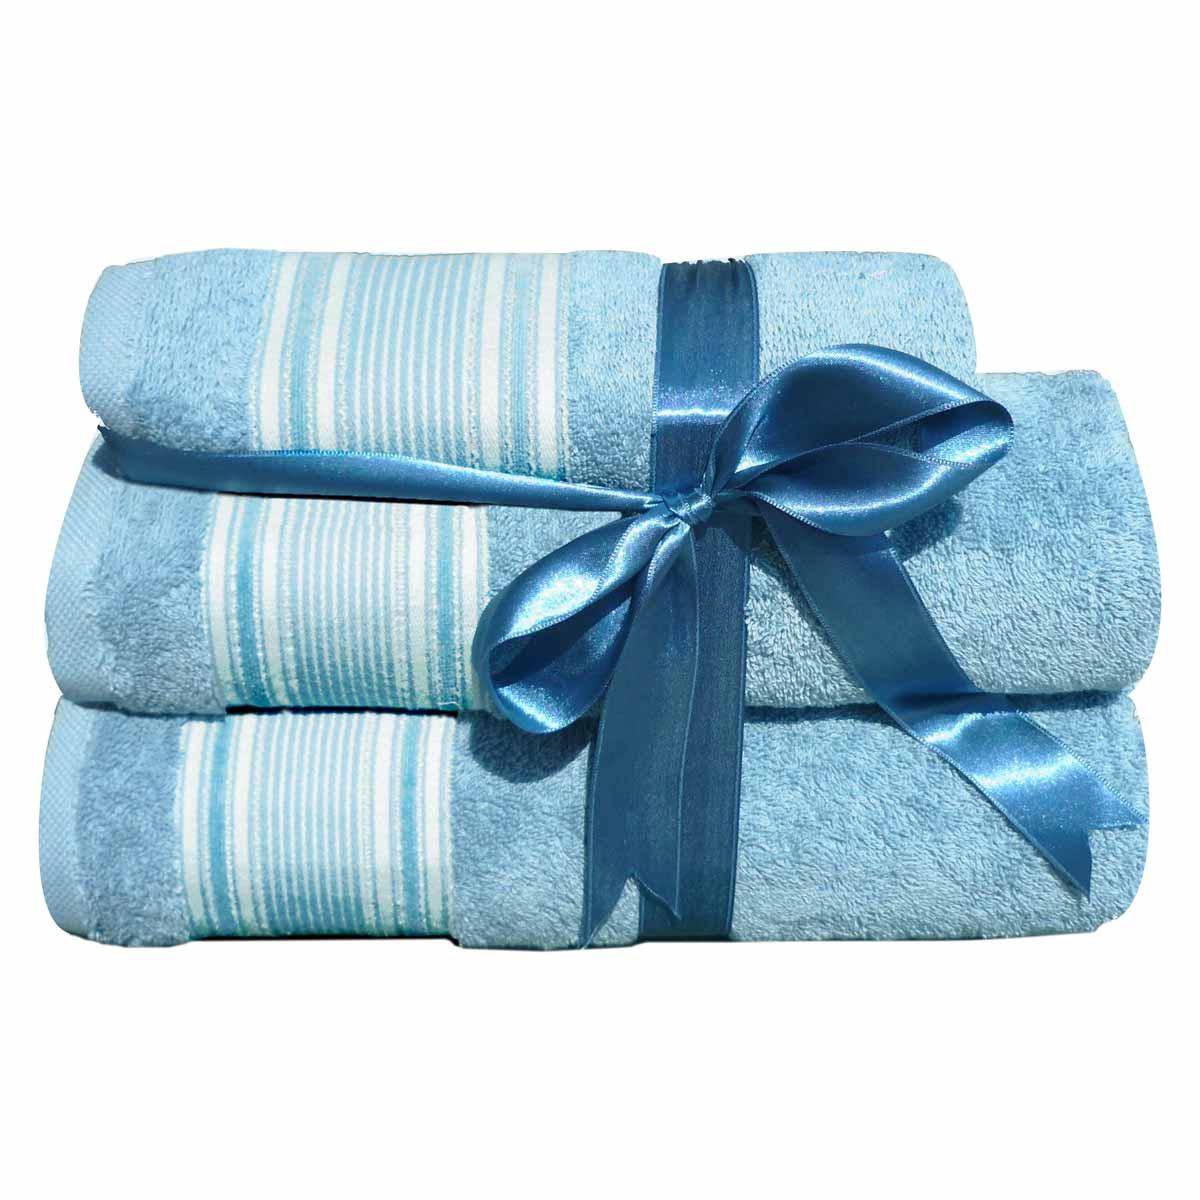 Πετσέτες Μπάνιου (Σετ 3τμχ) Morven 1909 Blue